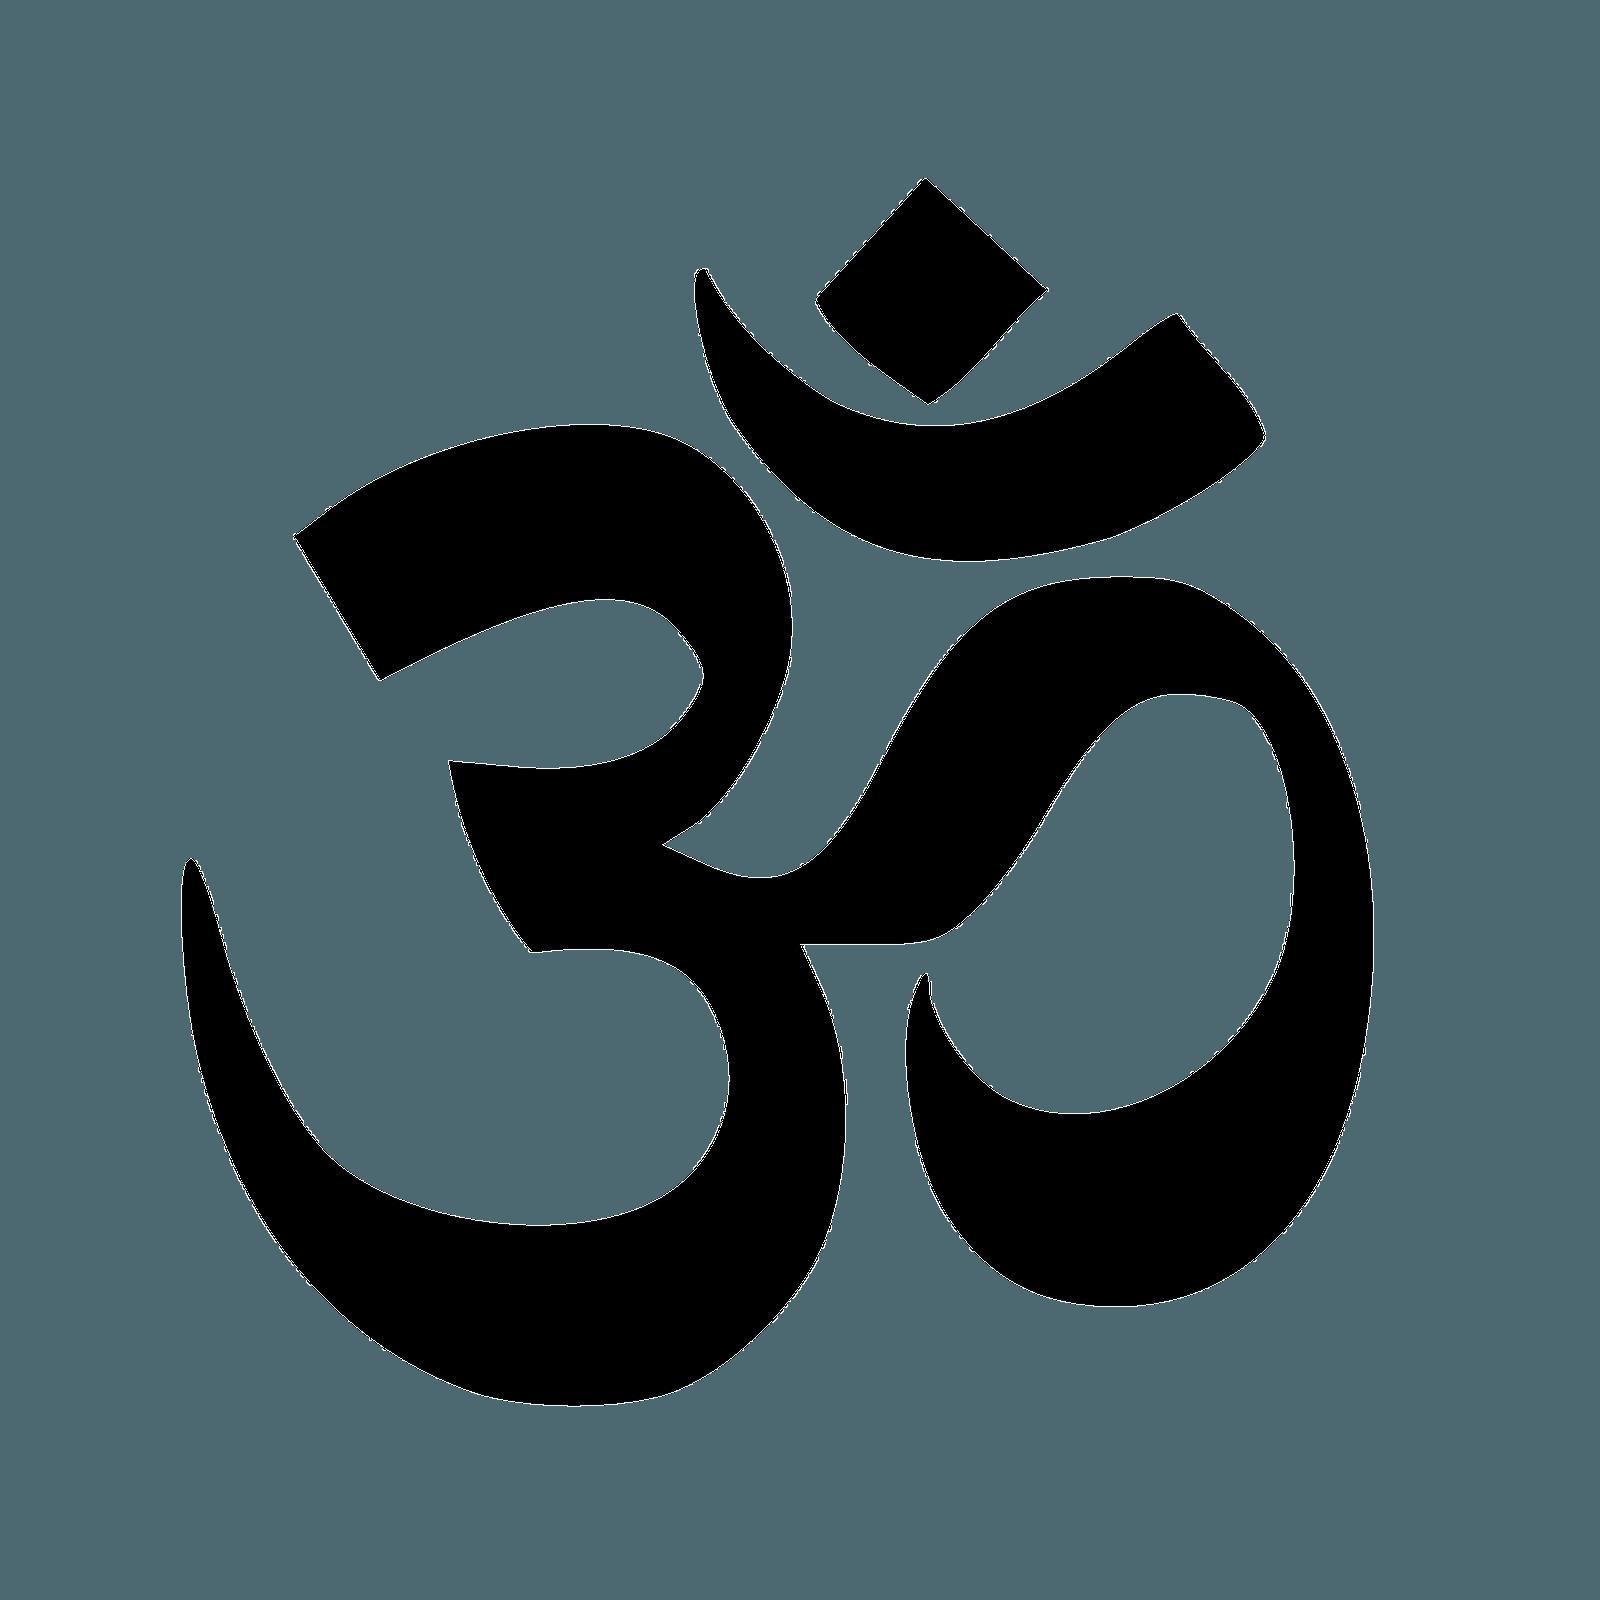 Om Die Wahre Bedeutung Und Richtige Anwendung Des Urlautes Yoga Zeichen Hindu Symbole Om Tattoo